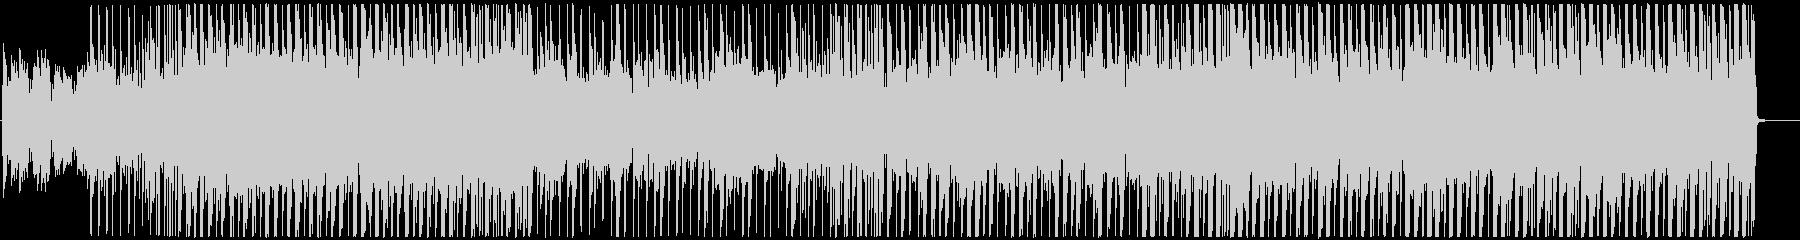 明るいレゲエ調 ガールズK-POPの未再生の波形